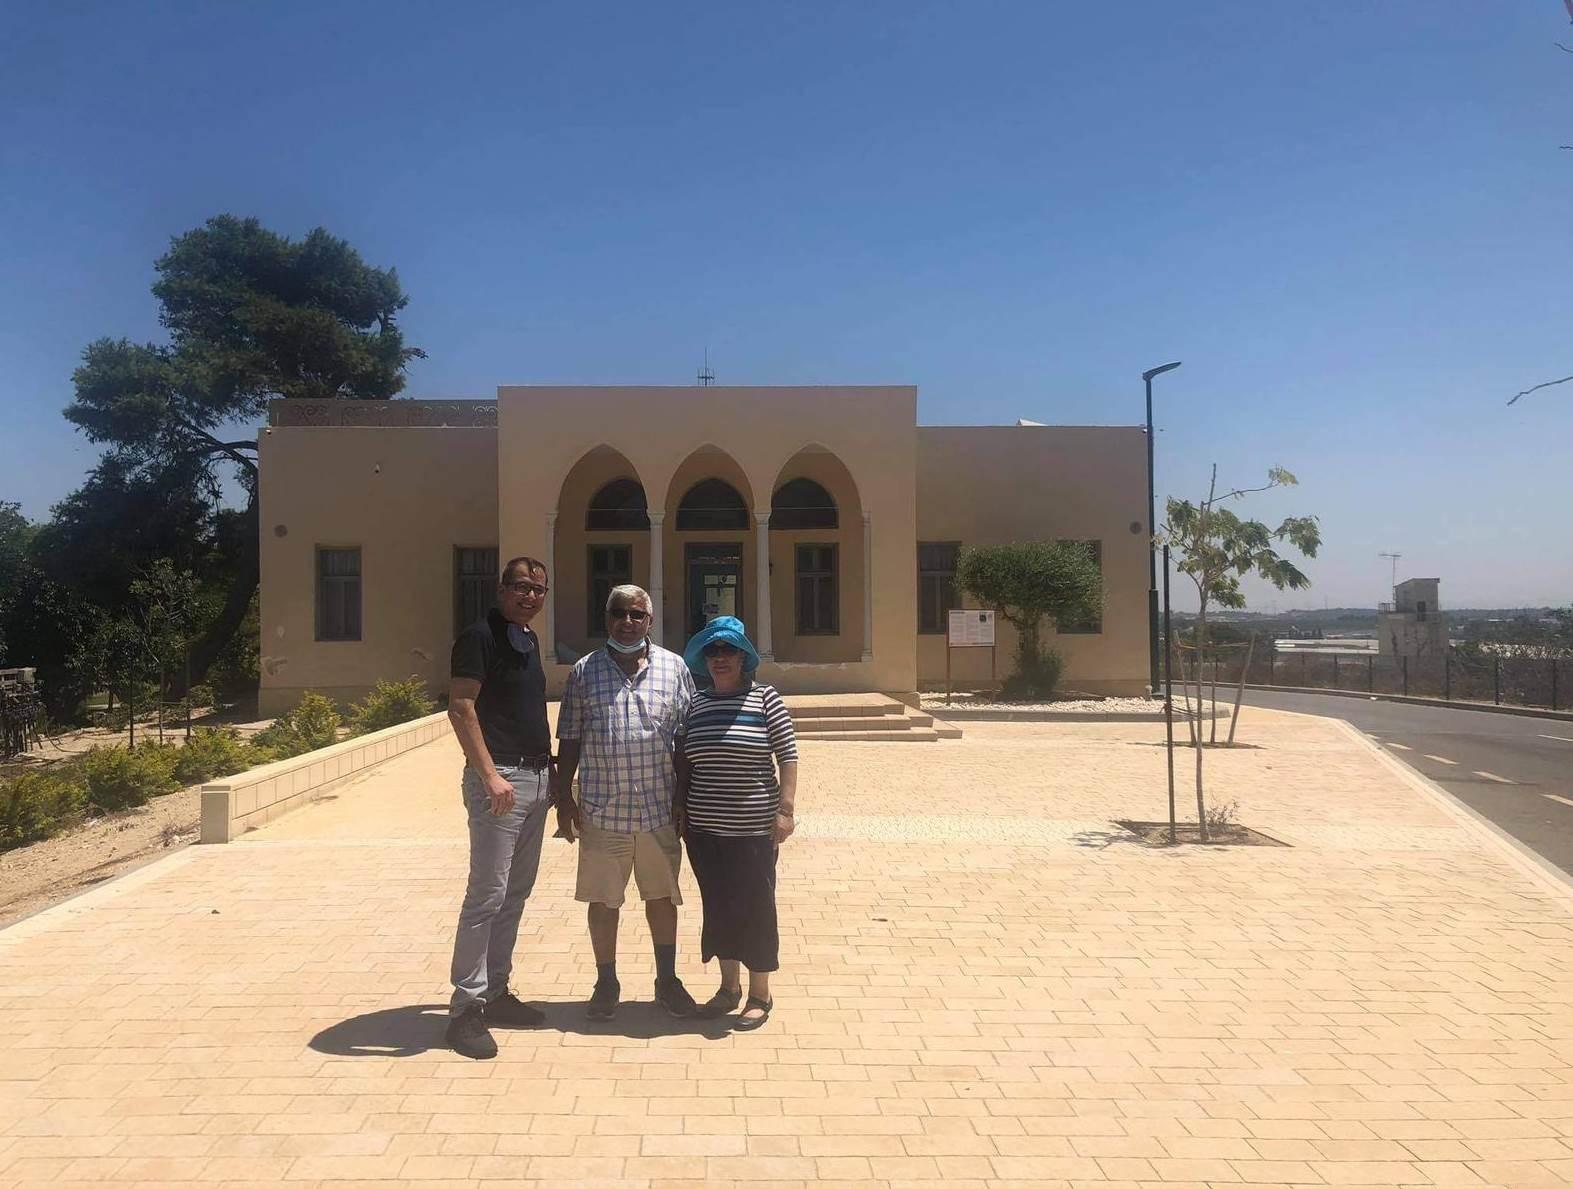 لقطة لثابت ورويدة وأبو ريا أمام منزل العلمي بهربيا